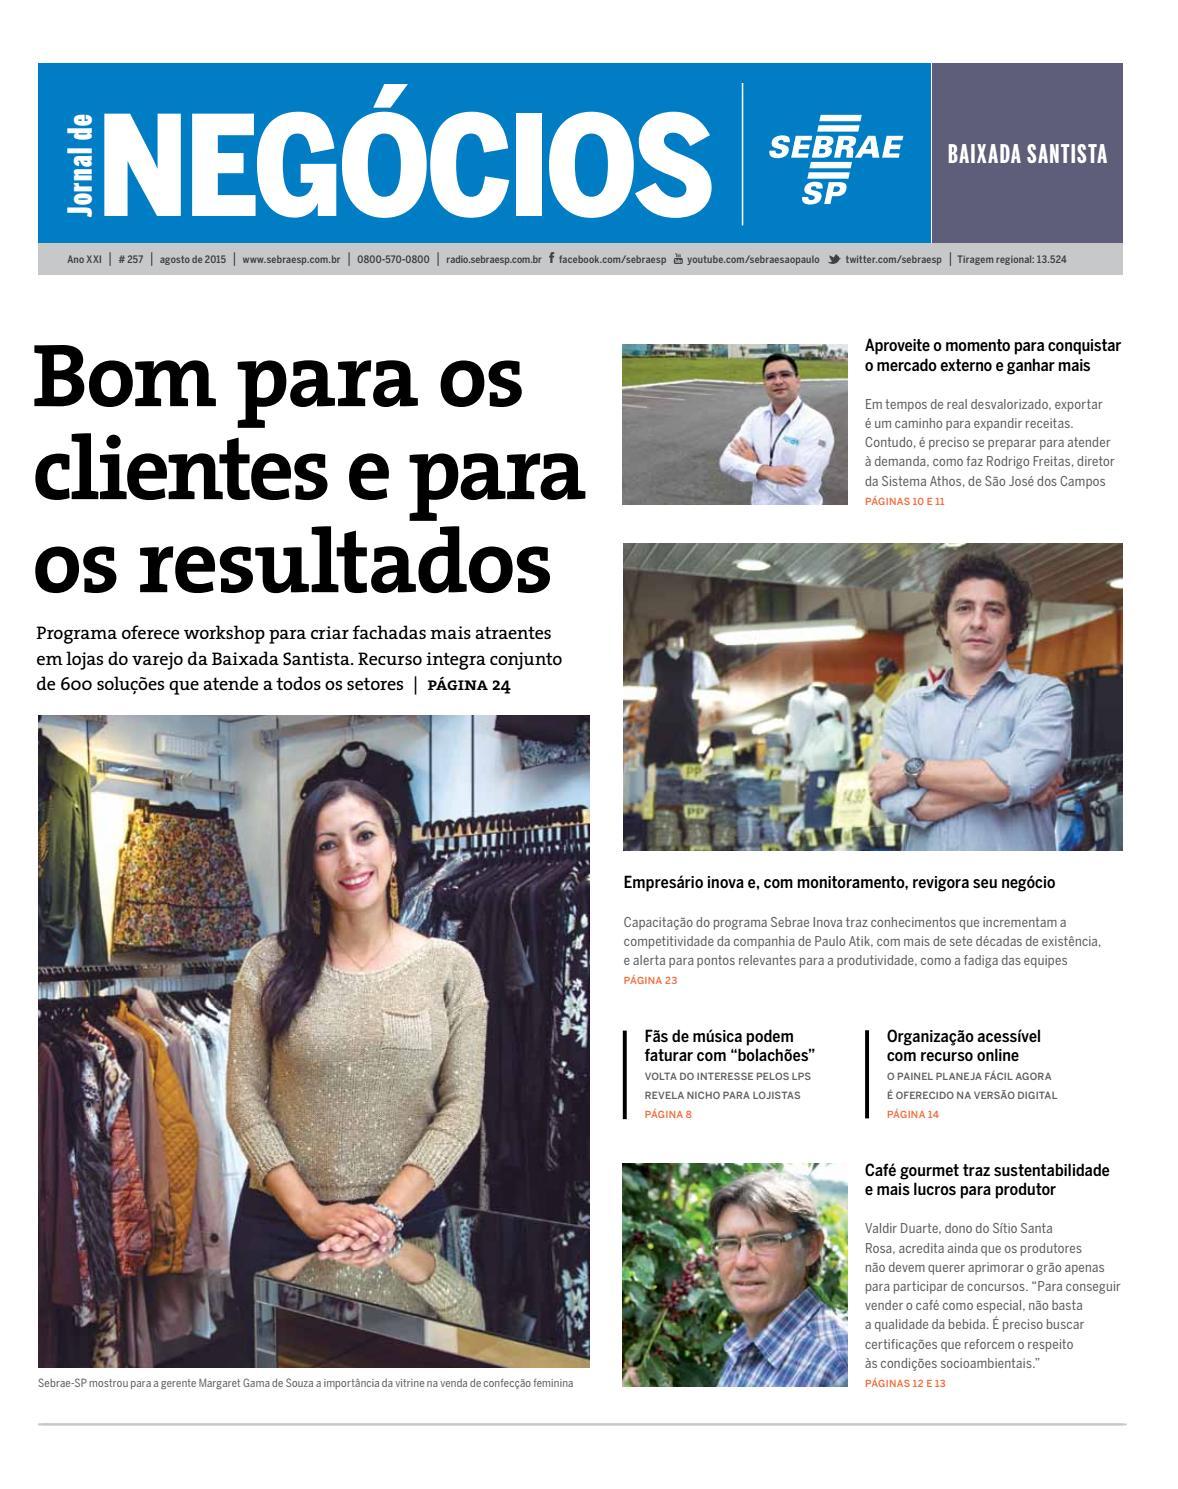 16ed6894d45 Jornal de Negócios Sebrae-SP - Agosto de 2015 - Baixada Santista e região  by Sebrae-SP - issuu